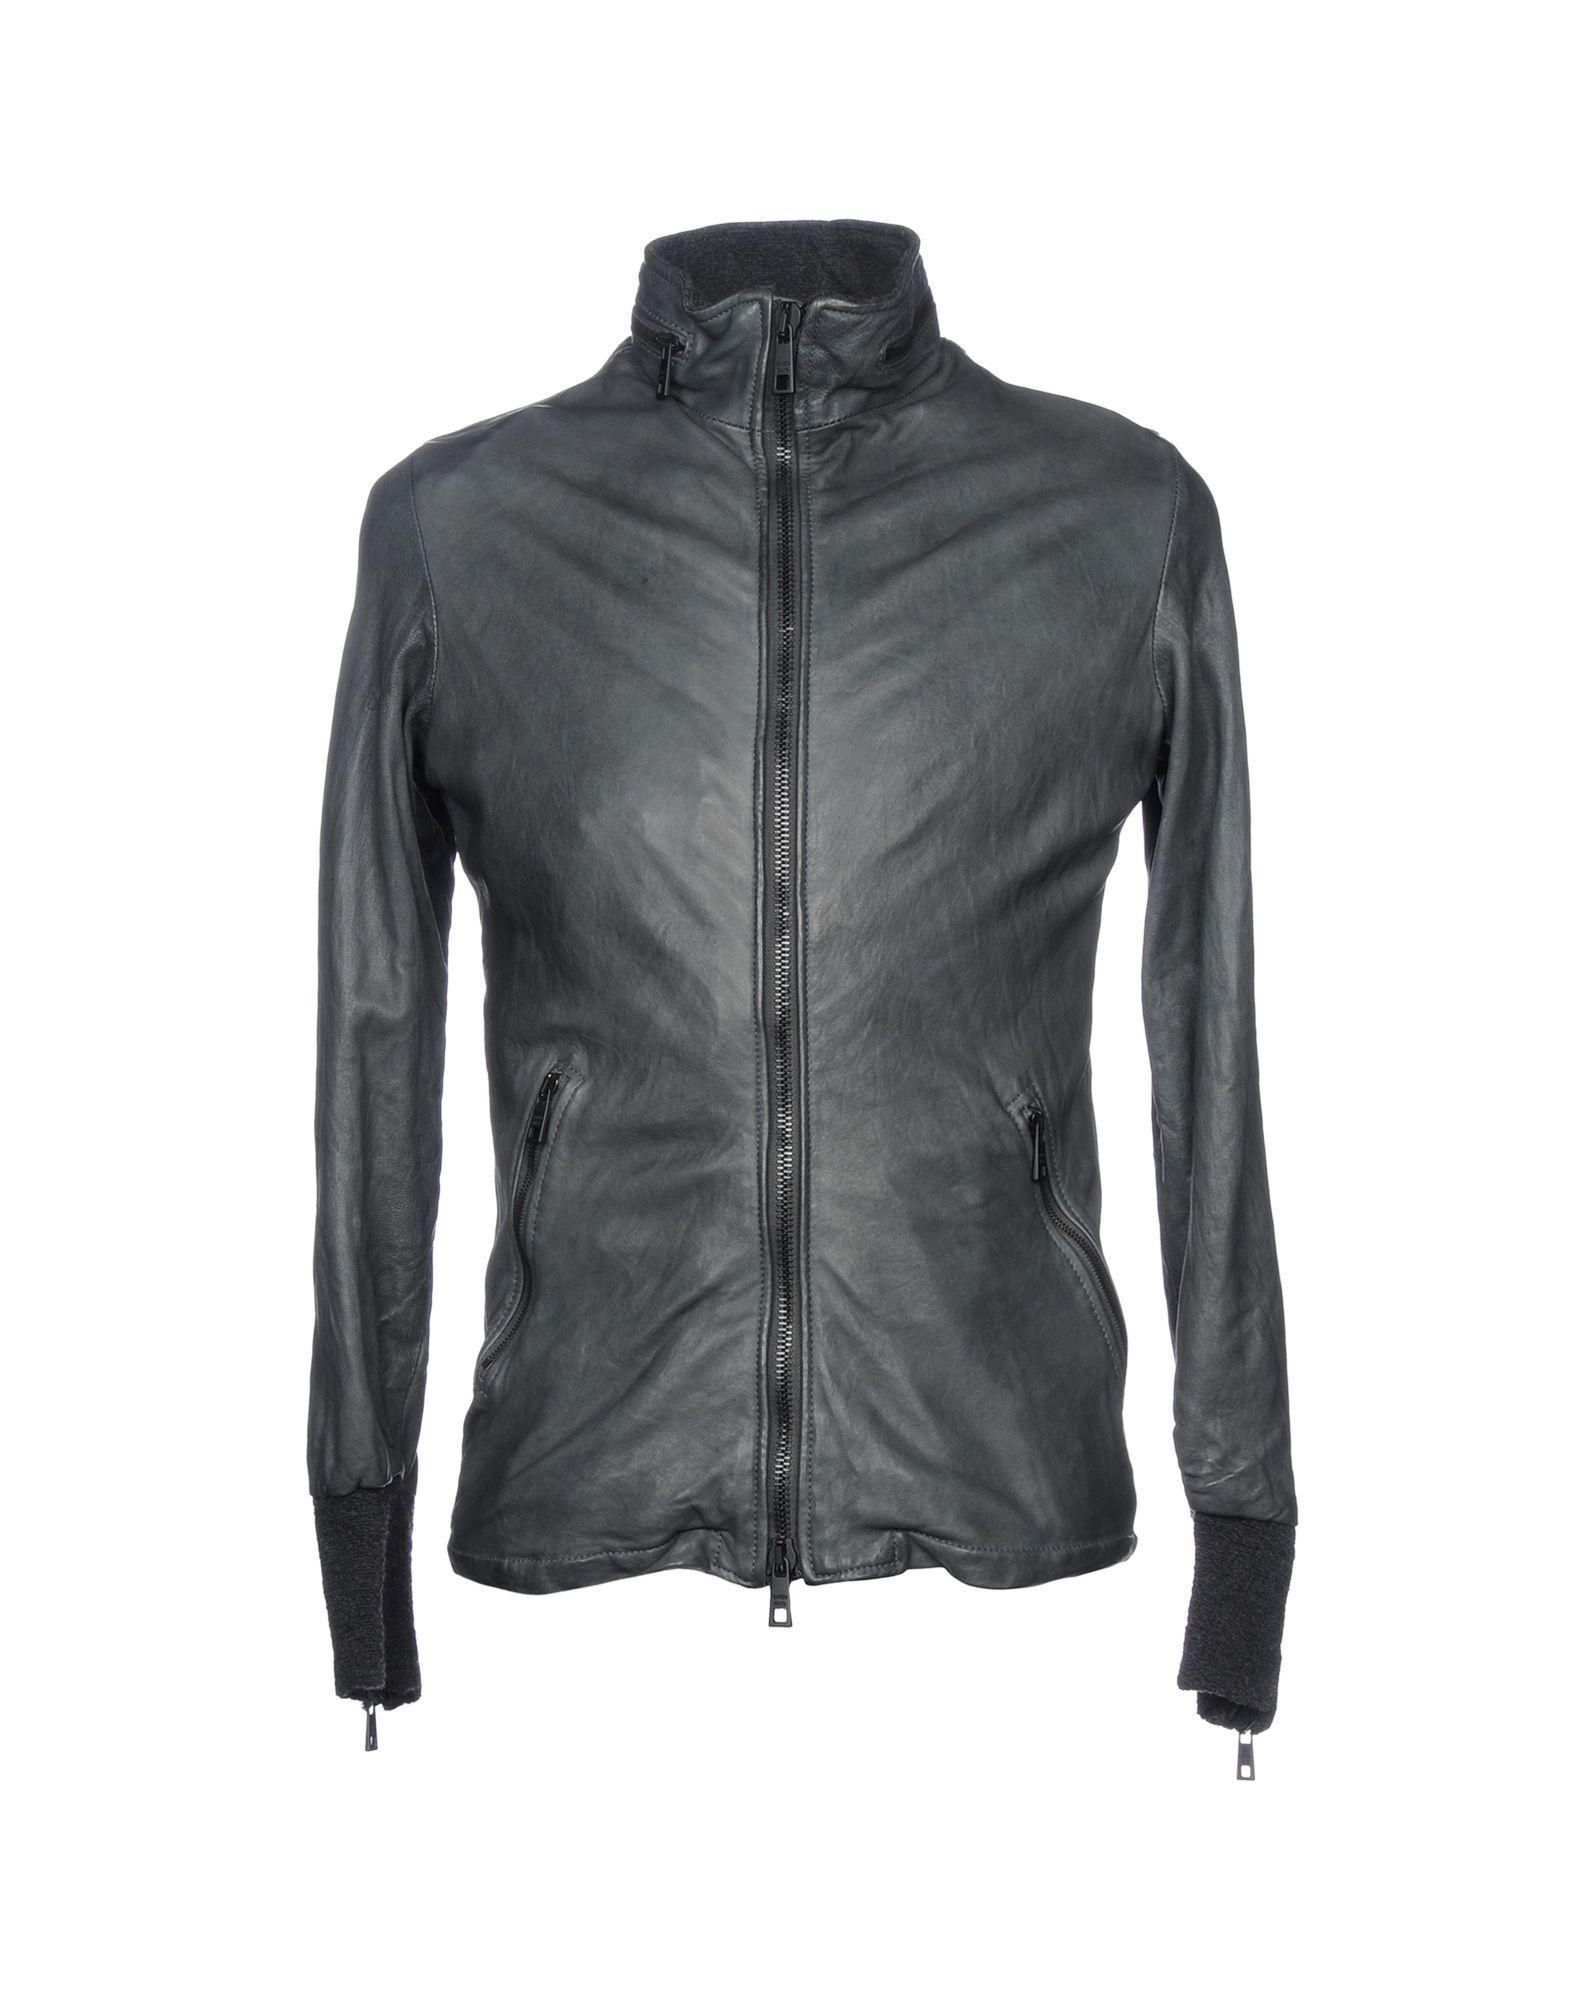 Giorgio Brato Jackets In Steel Grey